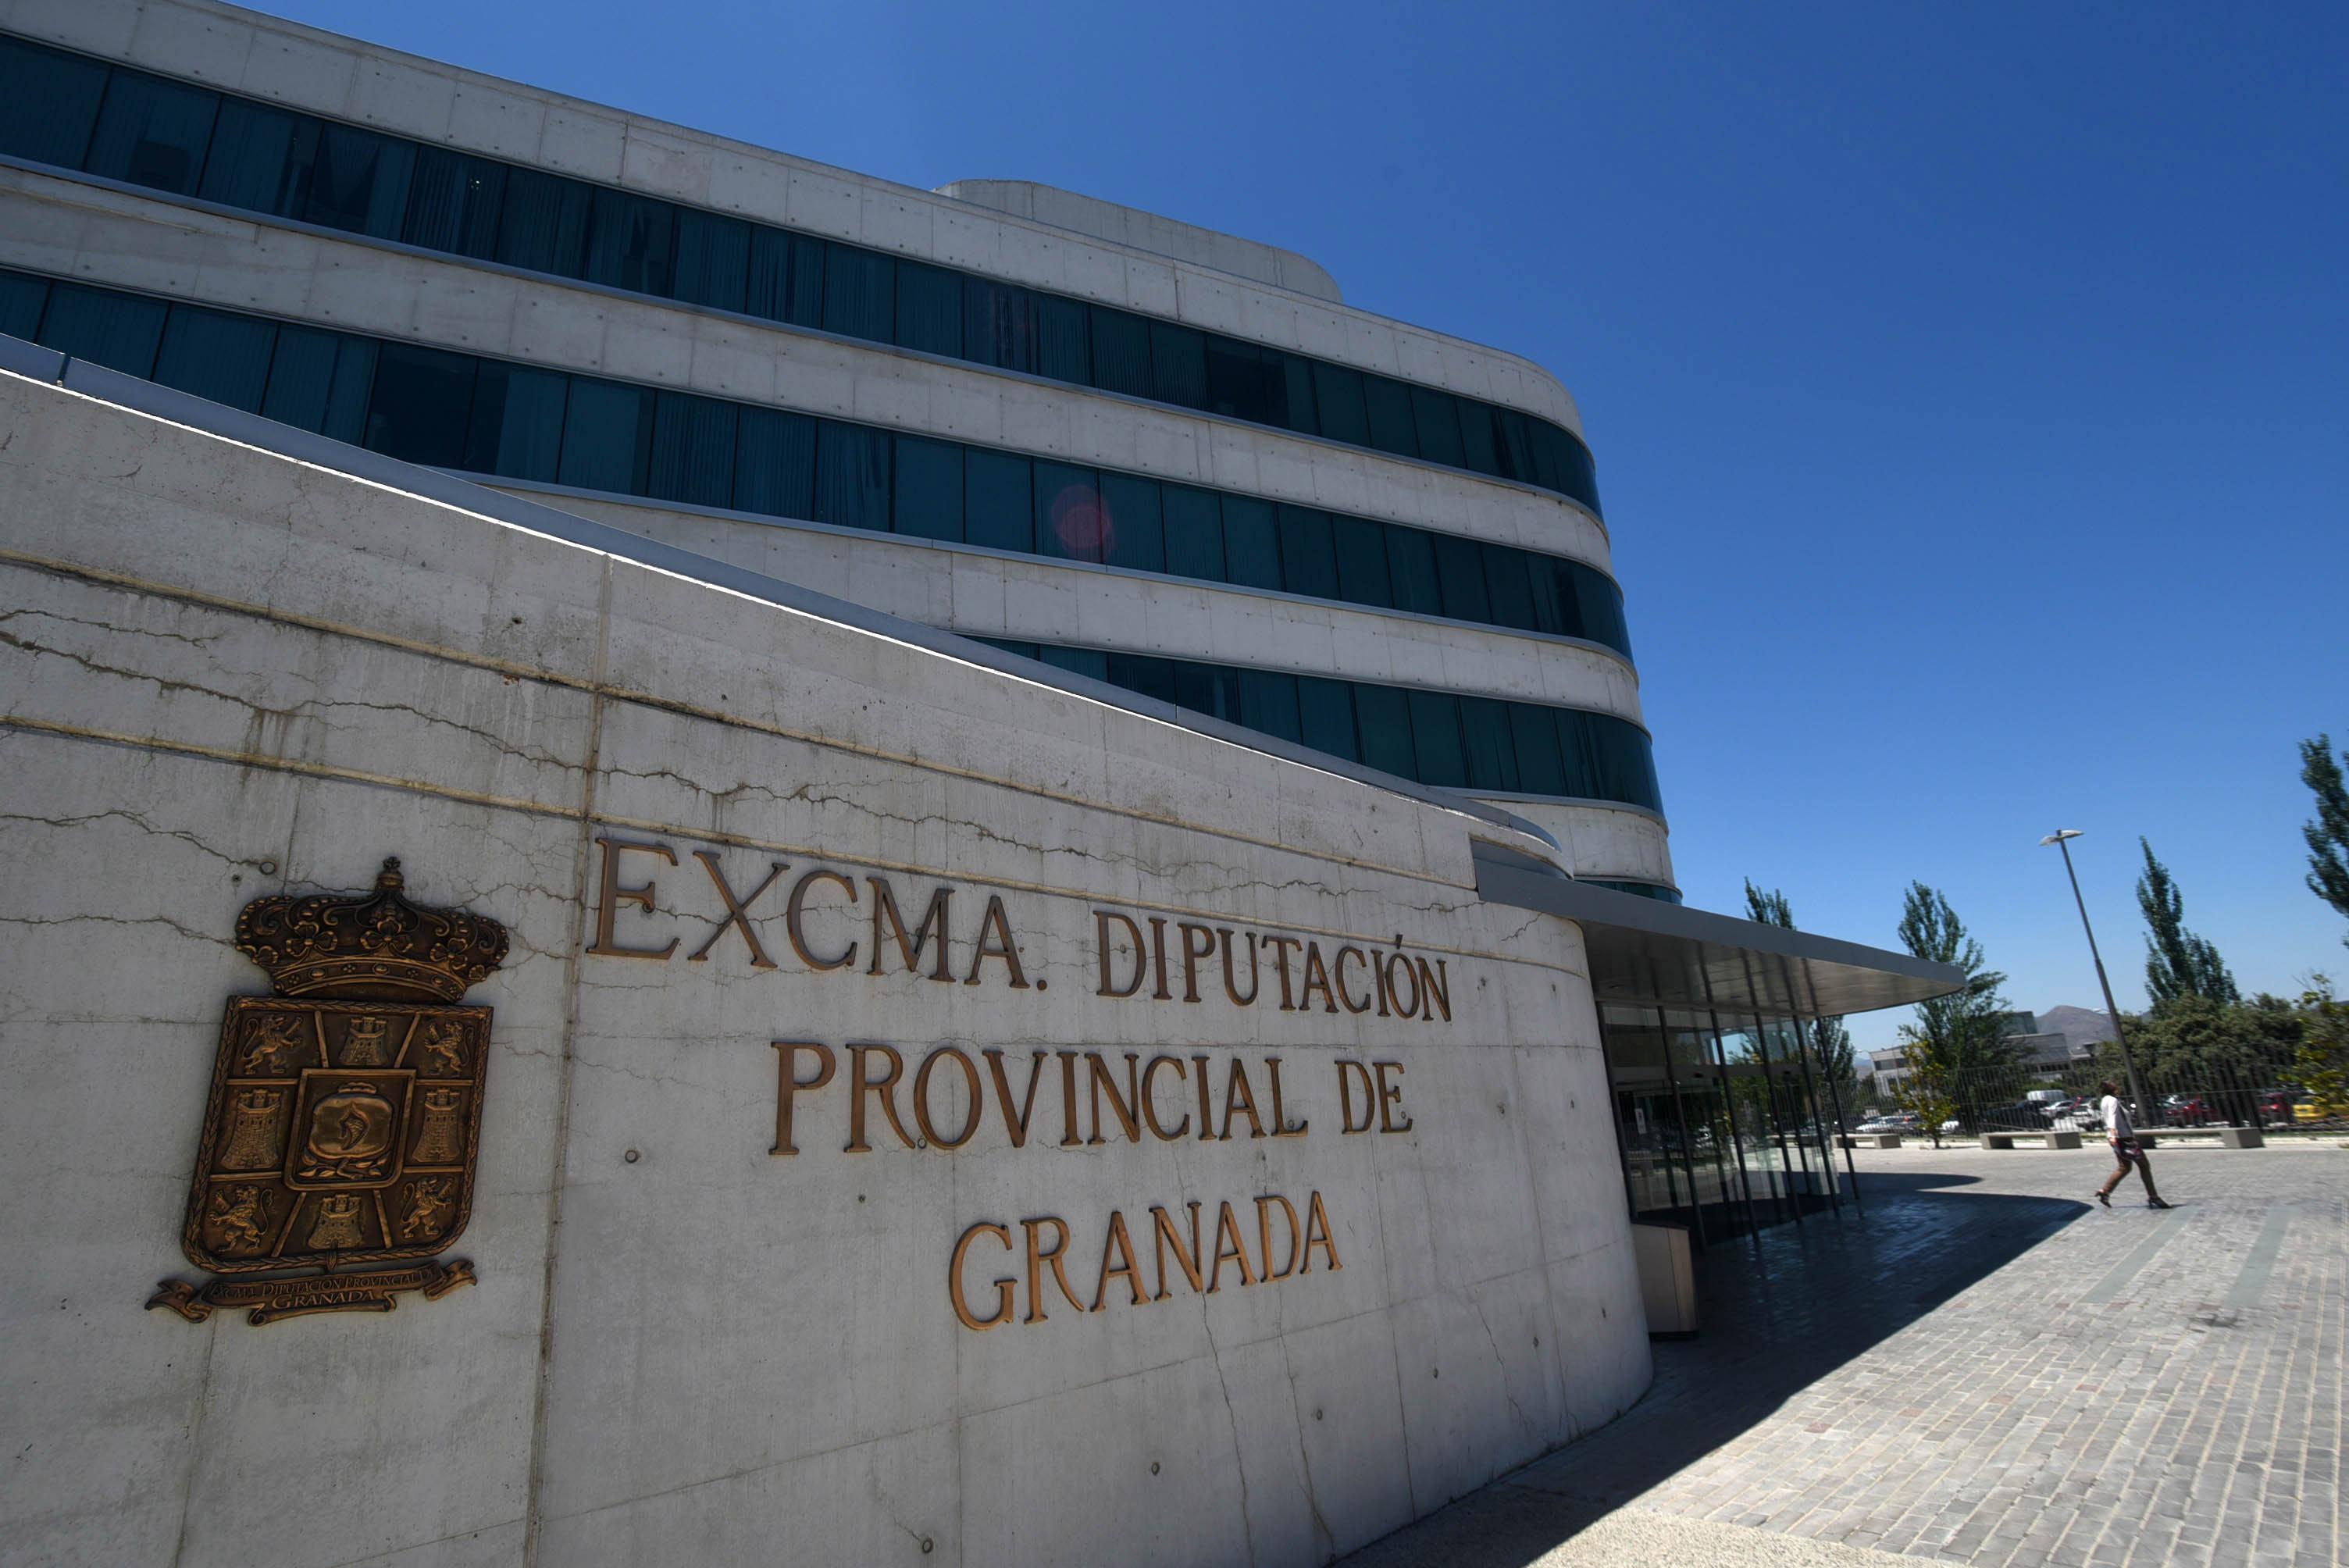 La Diputación de Granada se consolida en la primera posición del ránking de transparencia de gobiernos provinciales de España